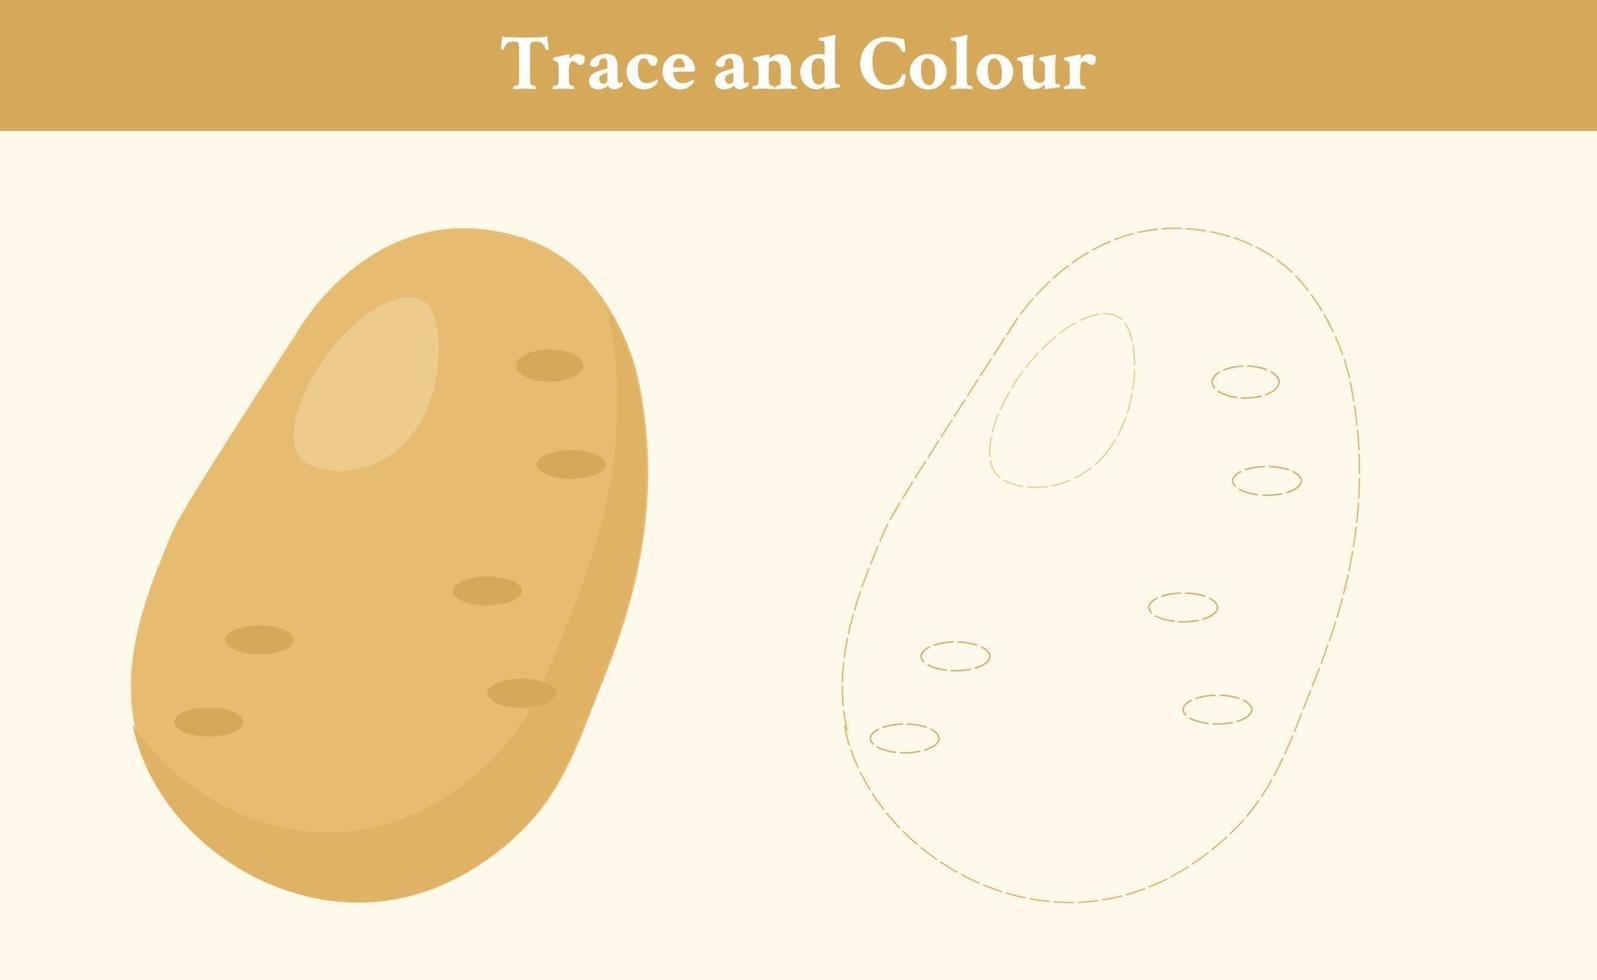 vector libre de patata de rastro y color